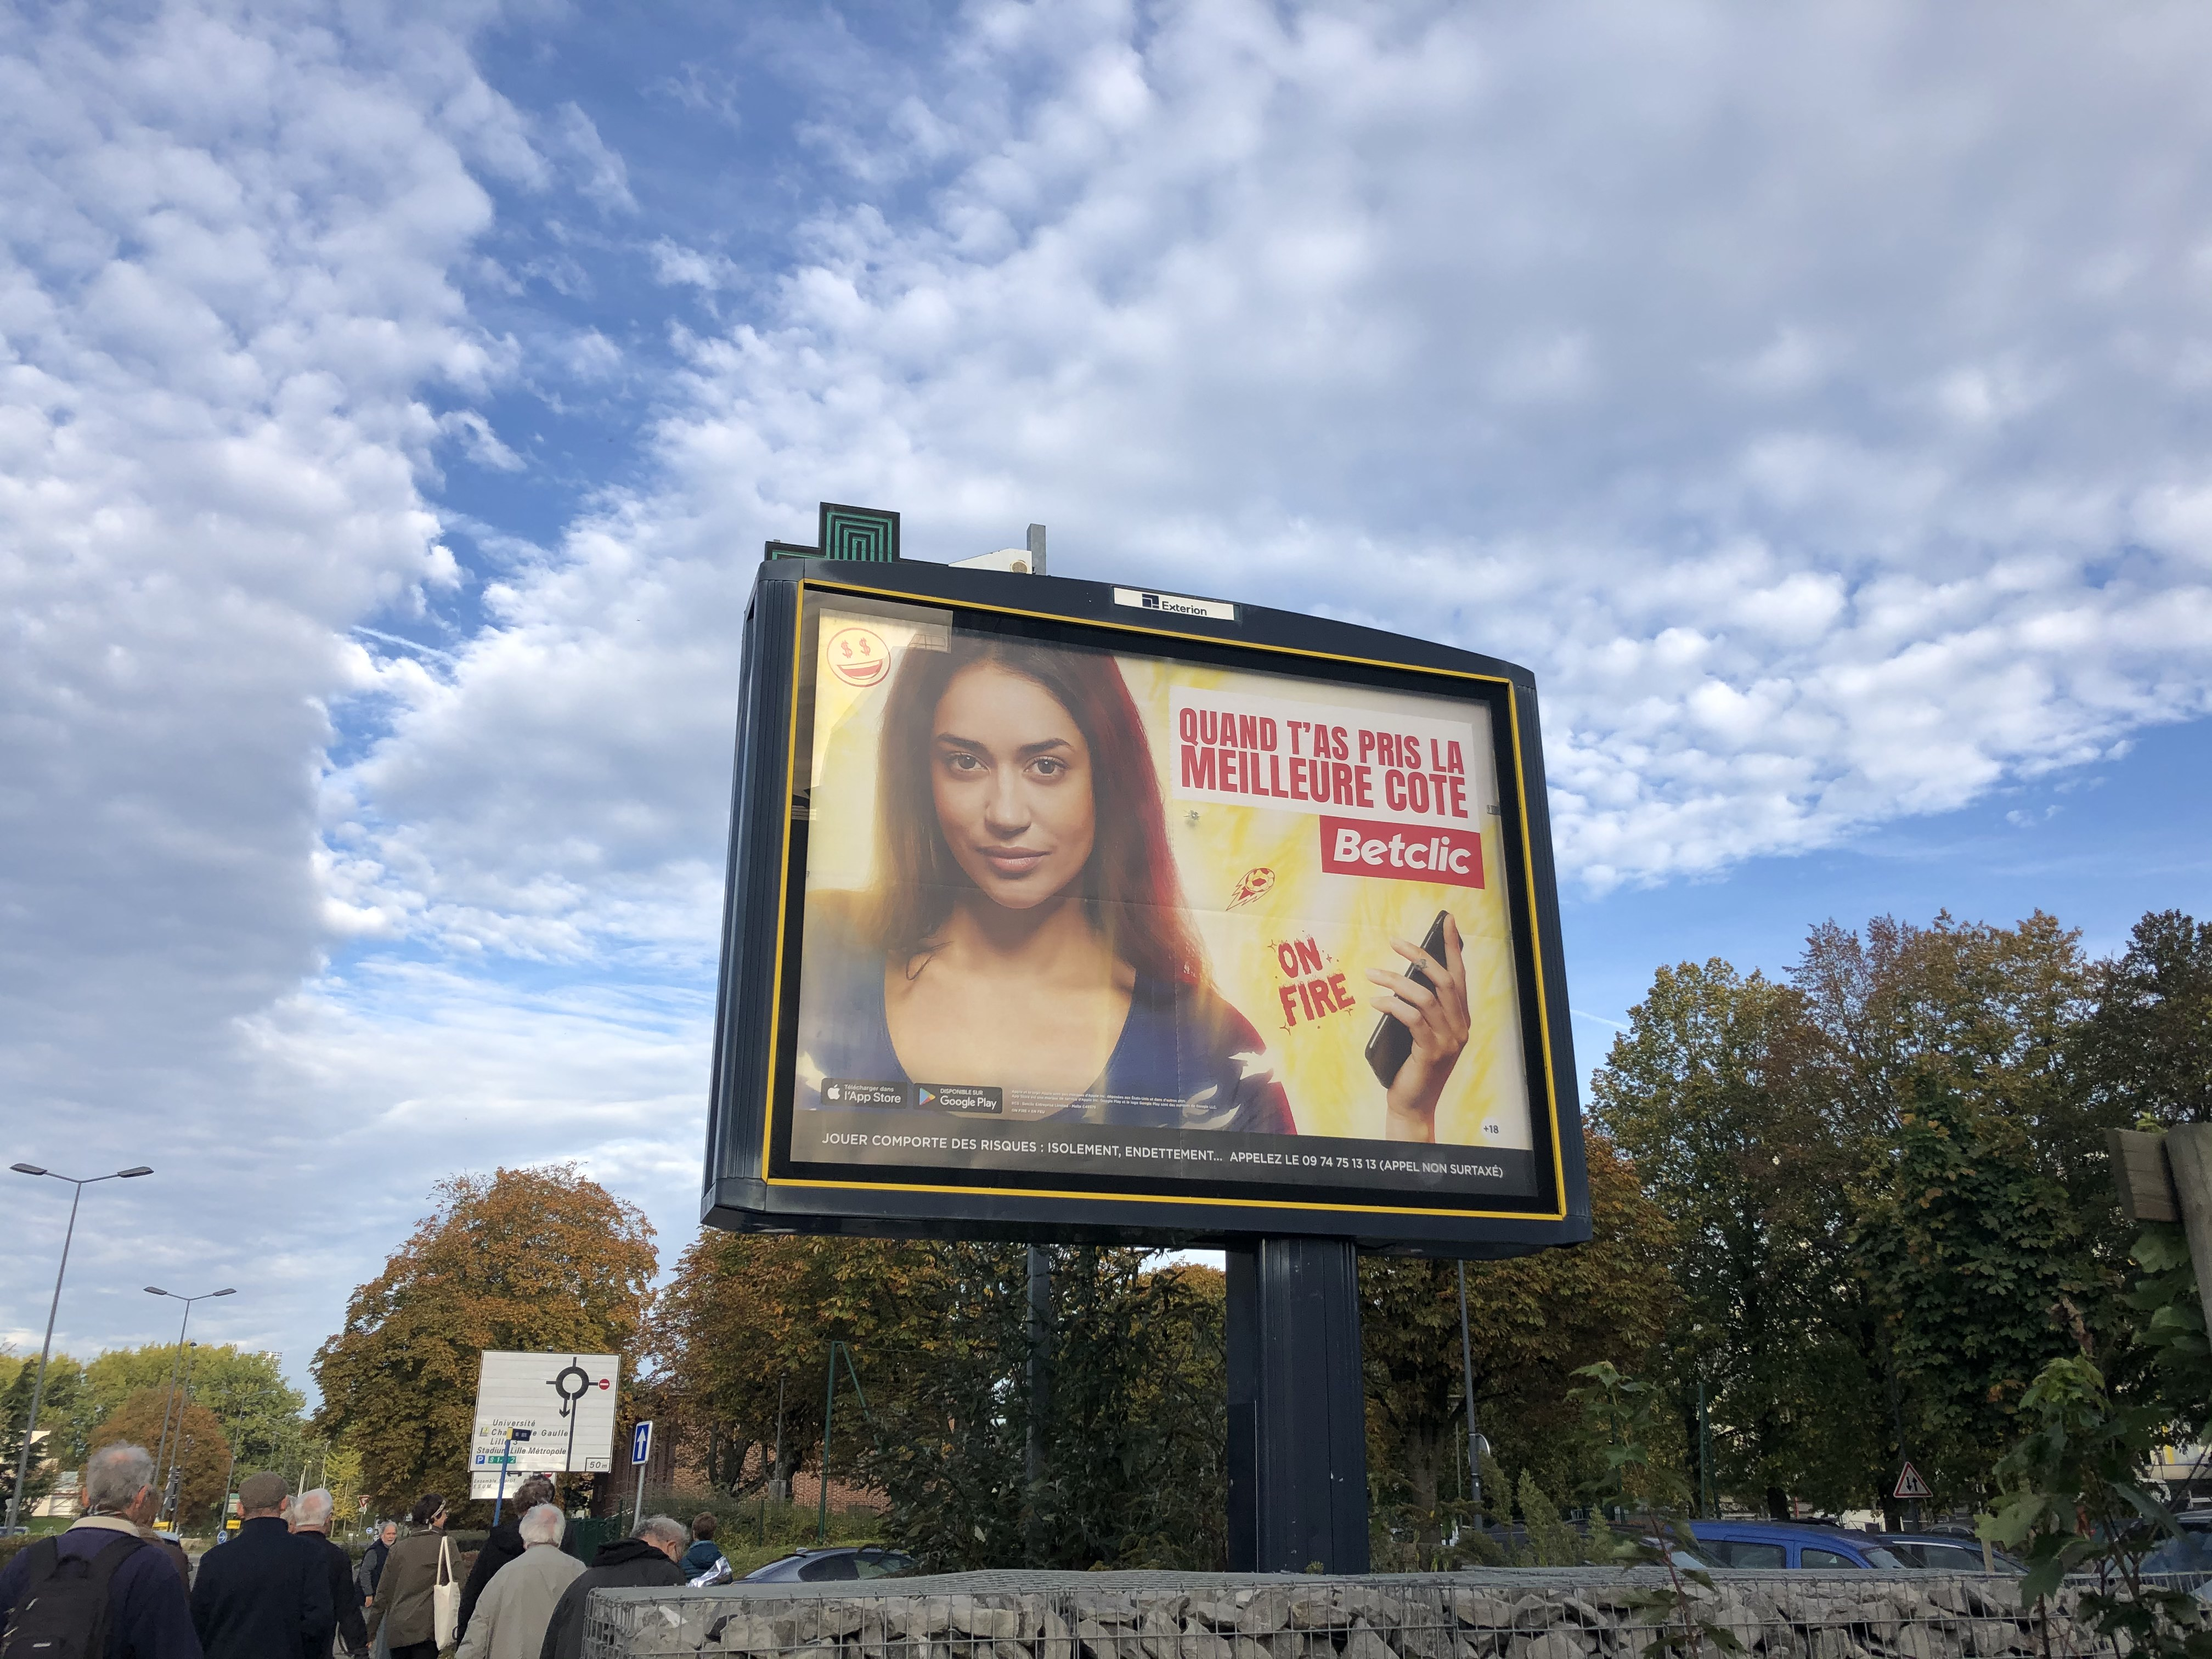 Afichage publicitaire à Pont-de-Bois